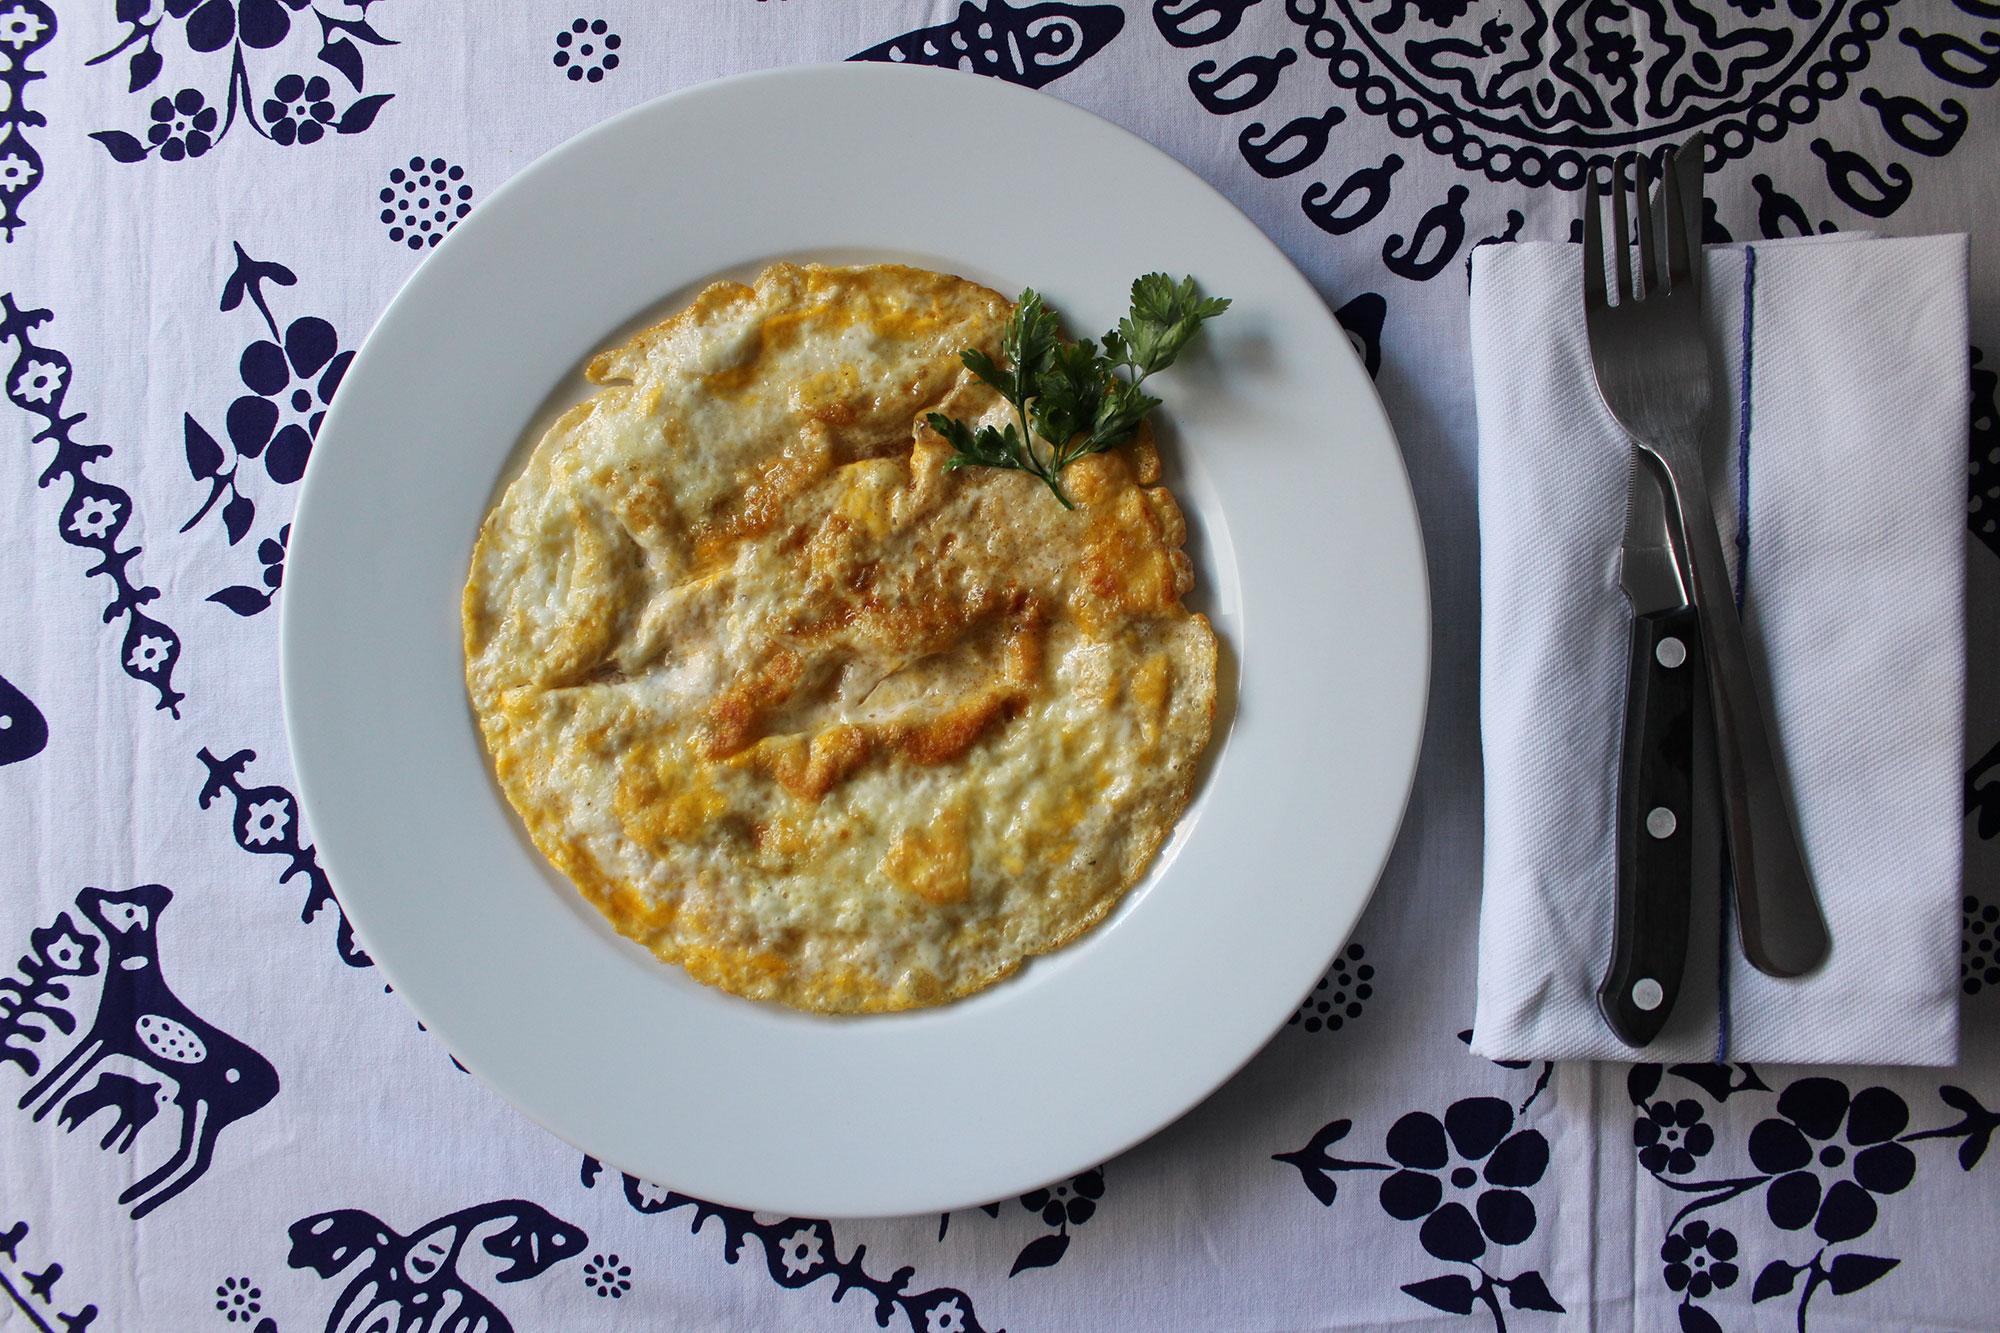 georiga-omelet-hero.jpg